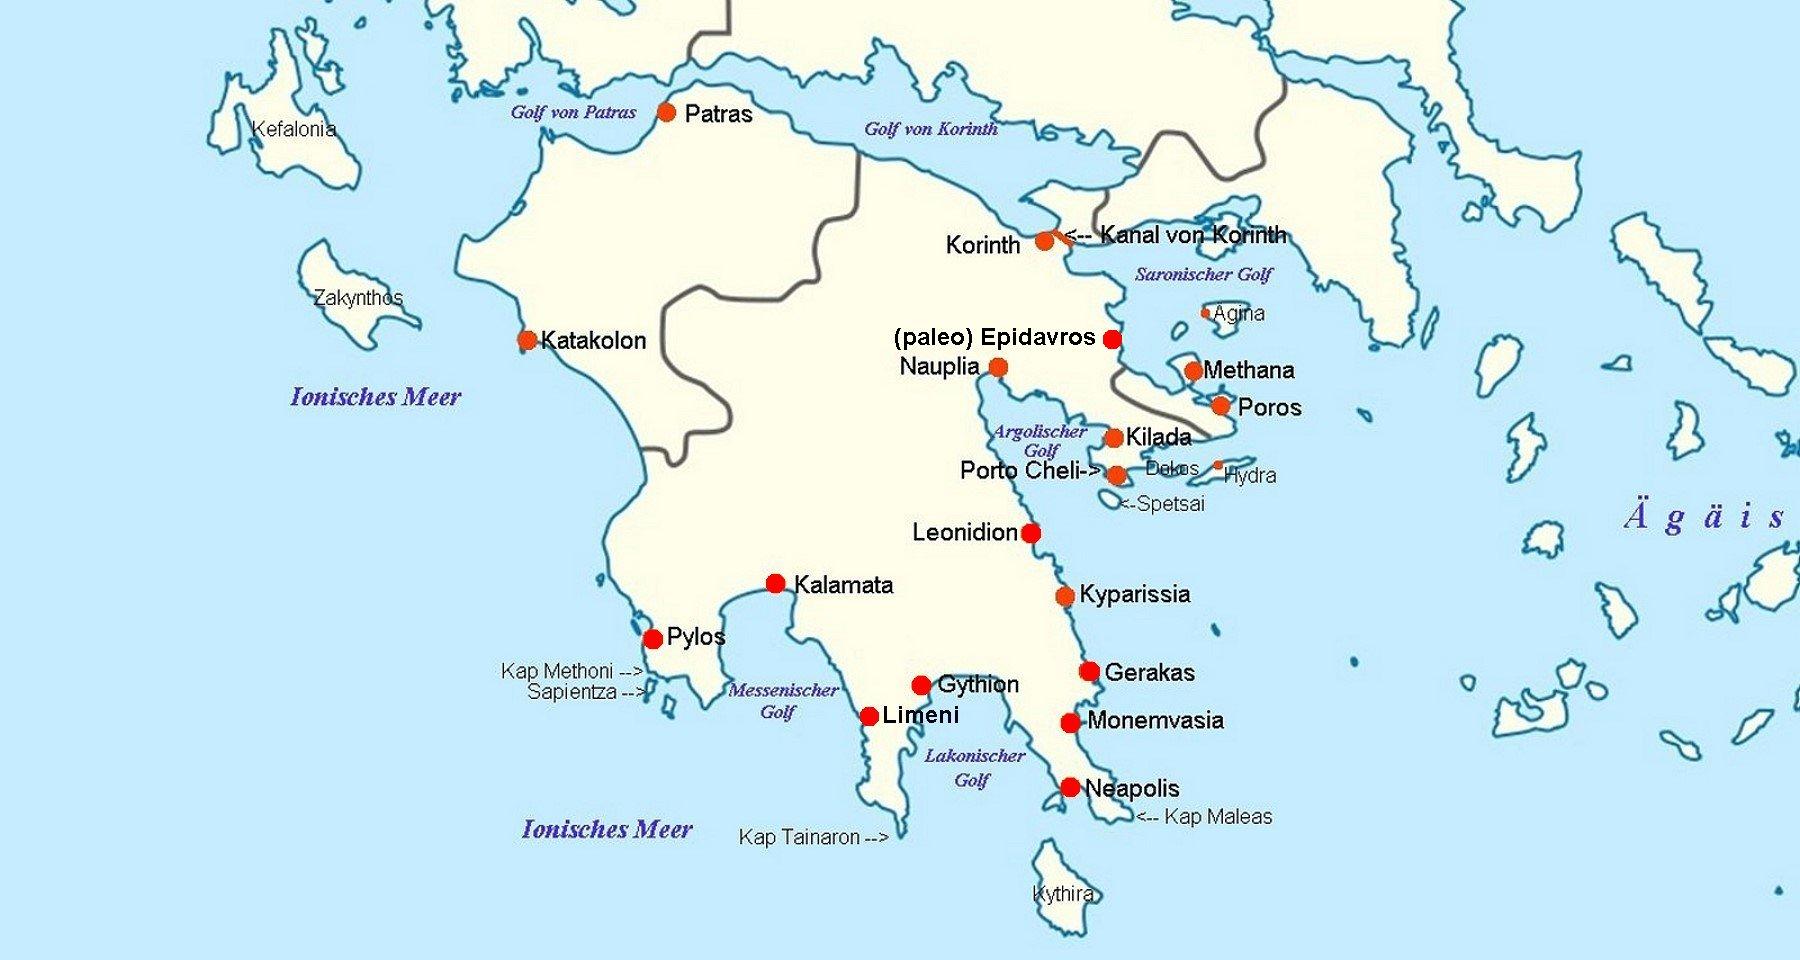 Online-Hafenhandbuch Griechenland: Die Halbinsel Peloponnes ...